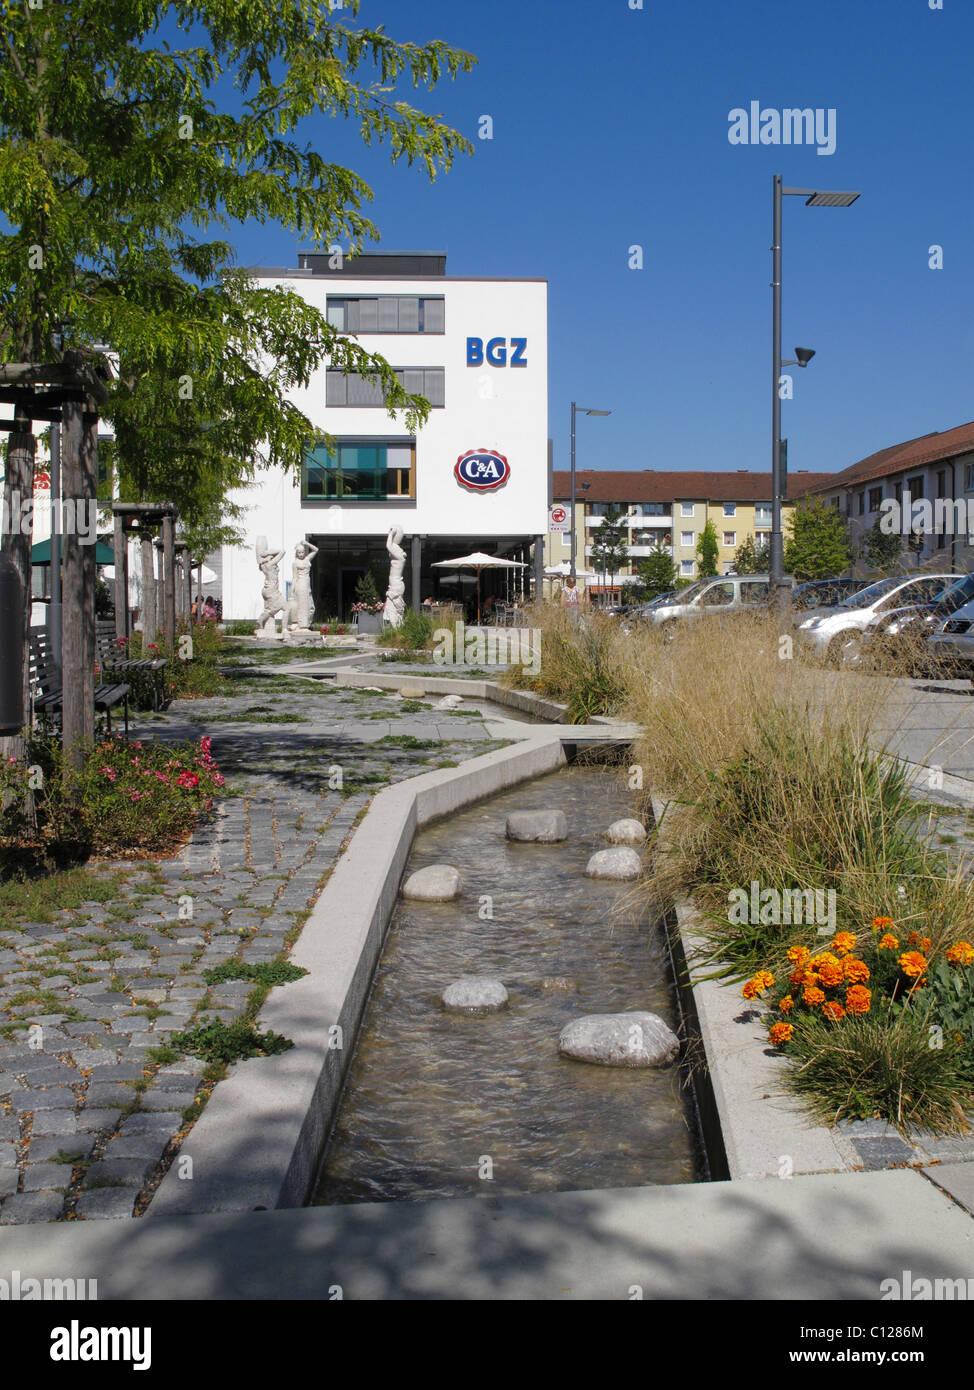 BGZ business premises, fountain, city center, Karl-Lederer-Platz, Geretsried, Upper Bavaria, Bavaria, Germany, Europe - Stock Image